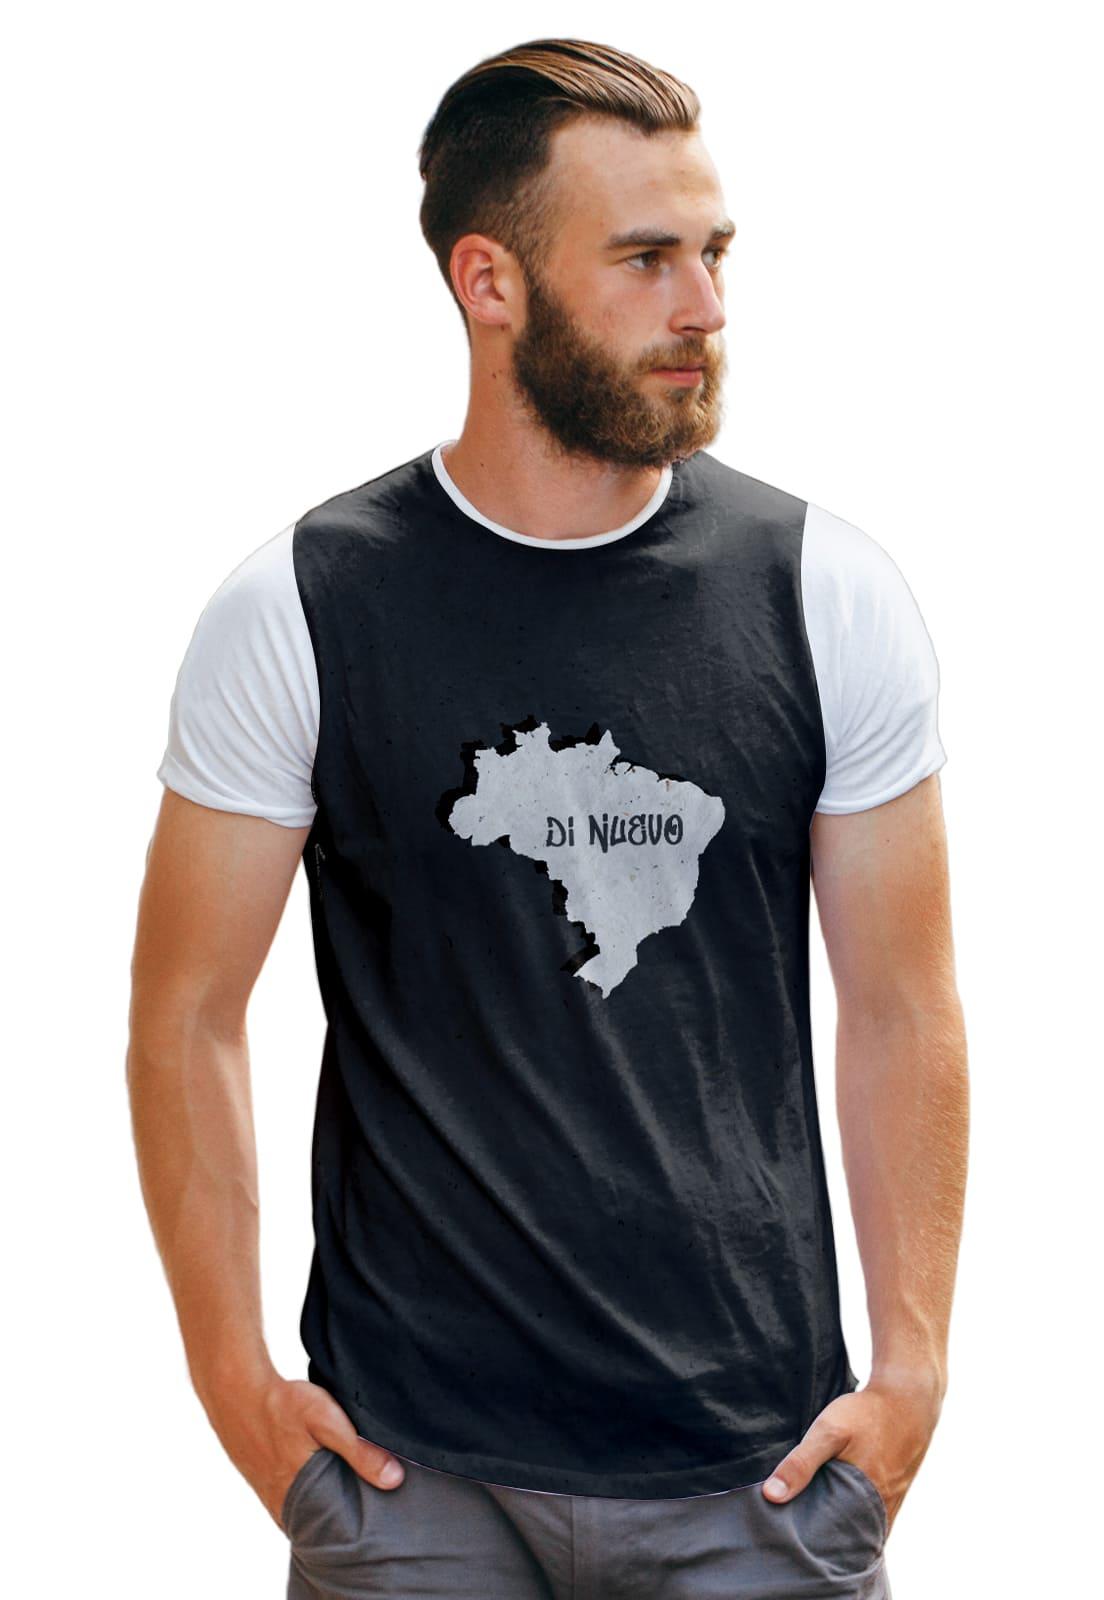 Camiseta Mapa Brasil Patriot Di Nuevo